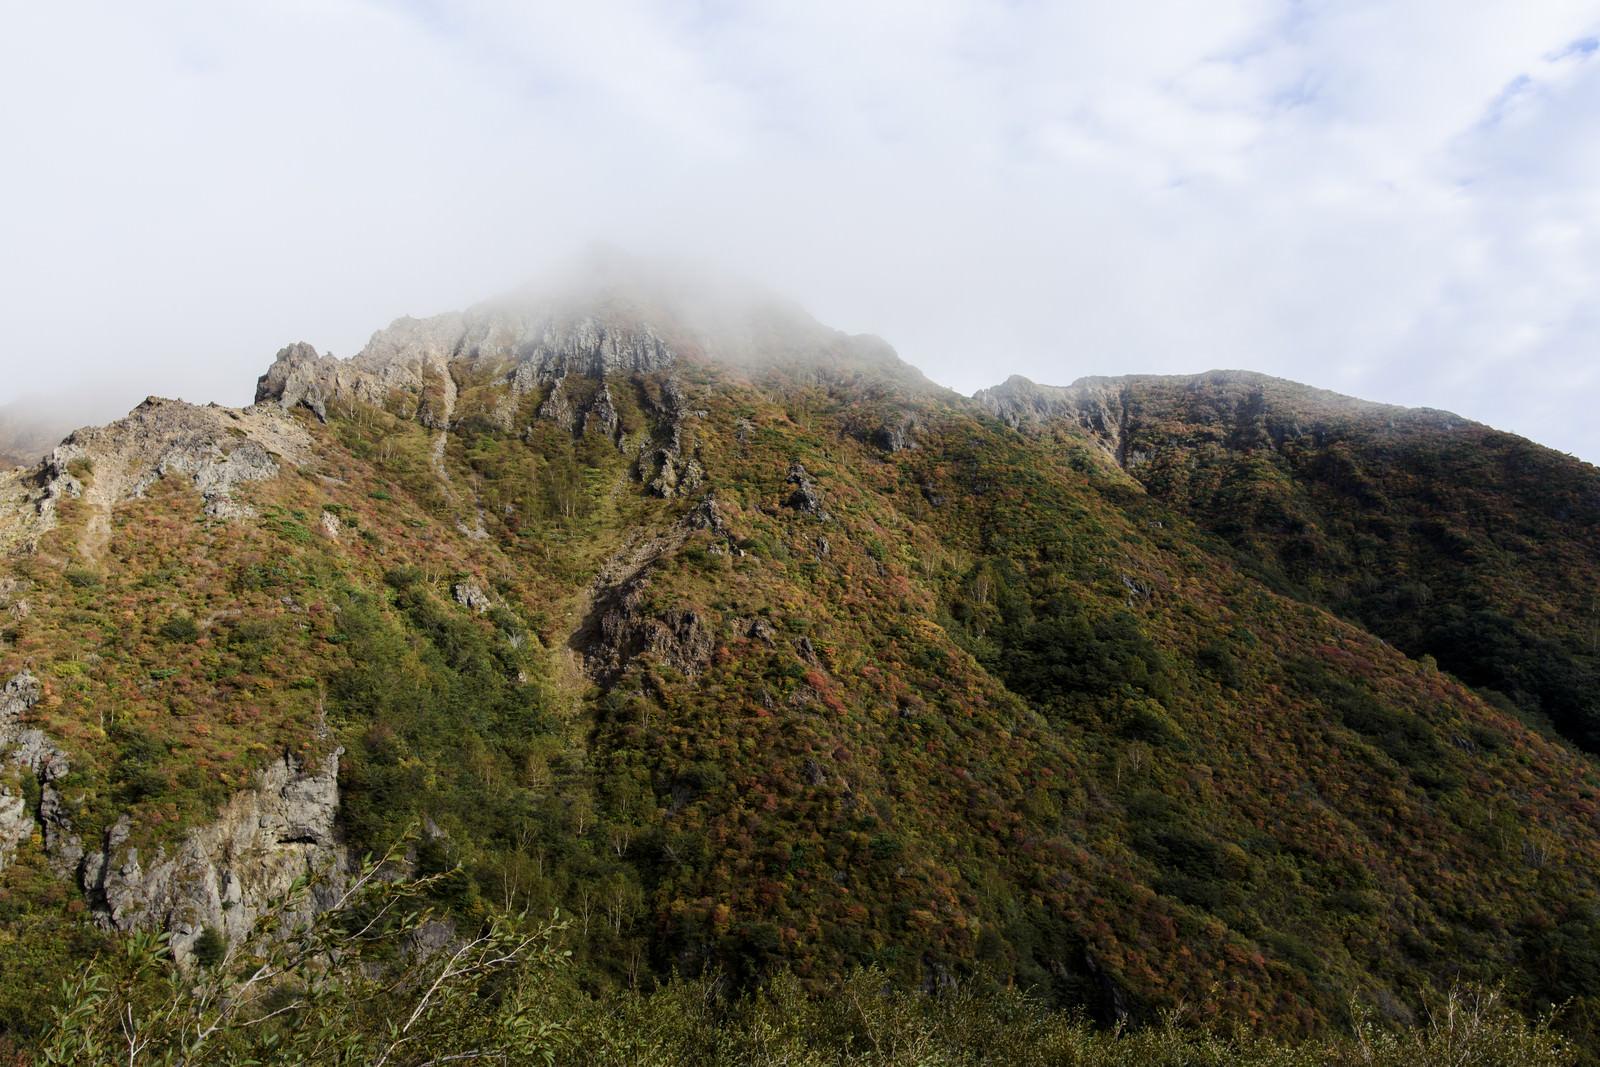 「雲に包まれる紅葉した那須朝日岳(あさひだけ)」の写真